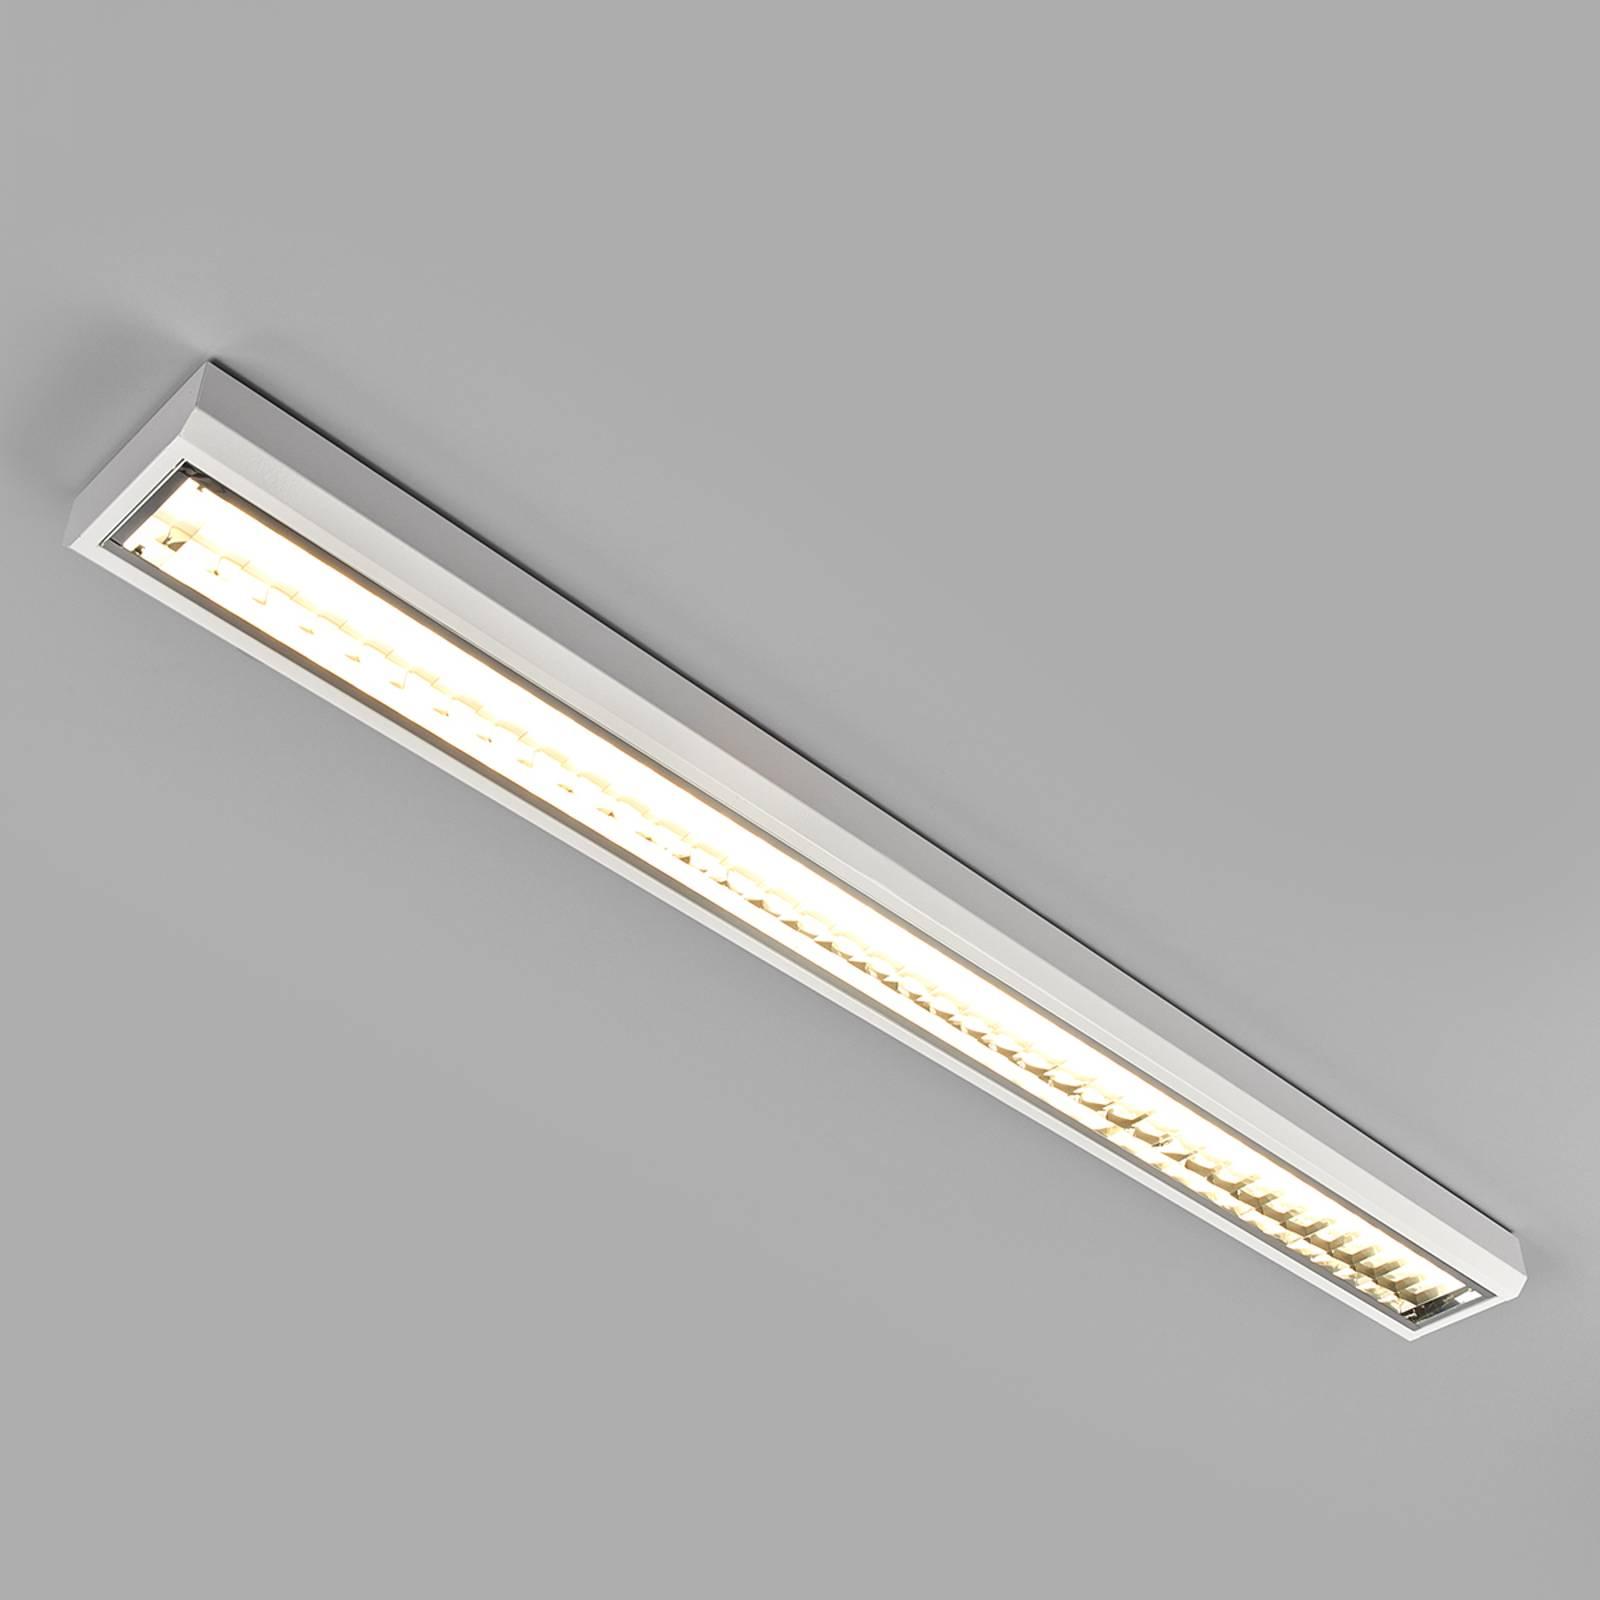 Billede af LED-gitter påbygningsarmatur t. kontor, 33W,4.000K